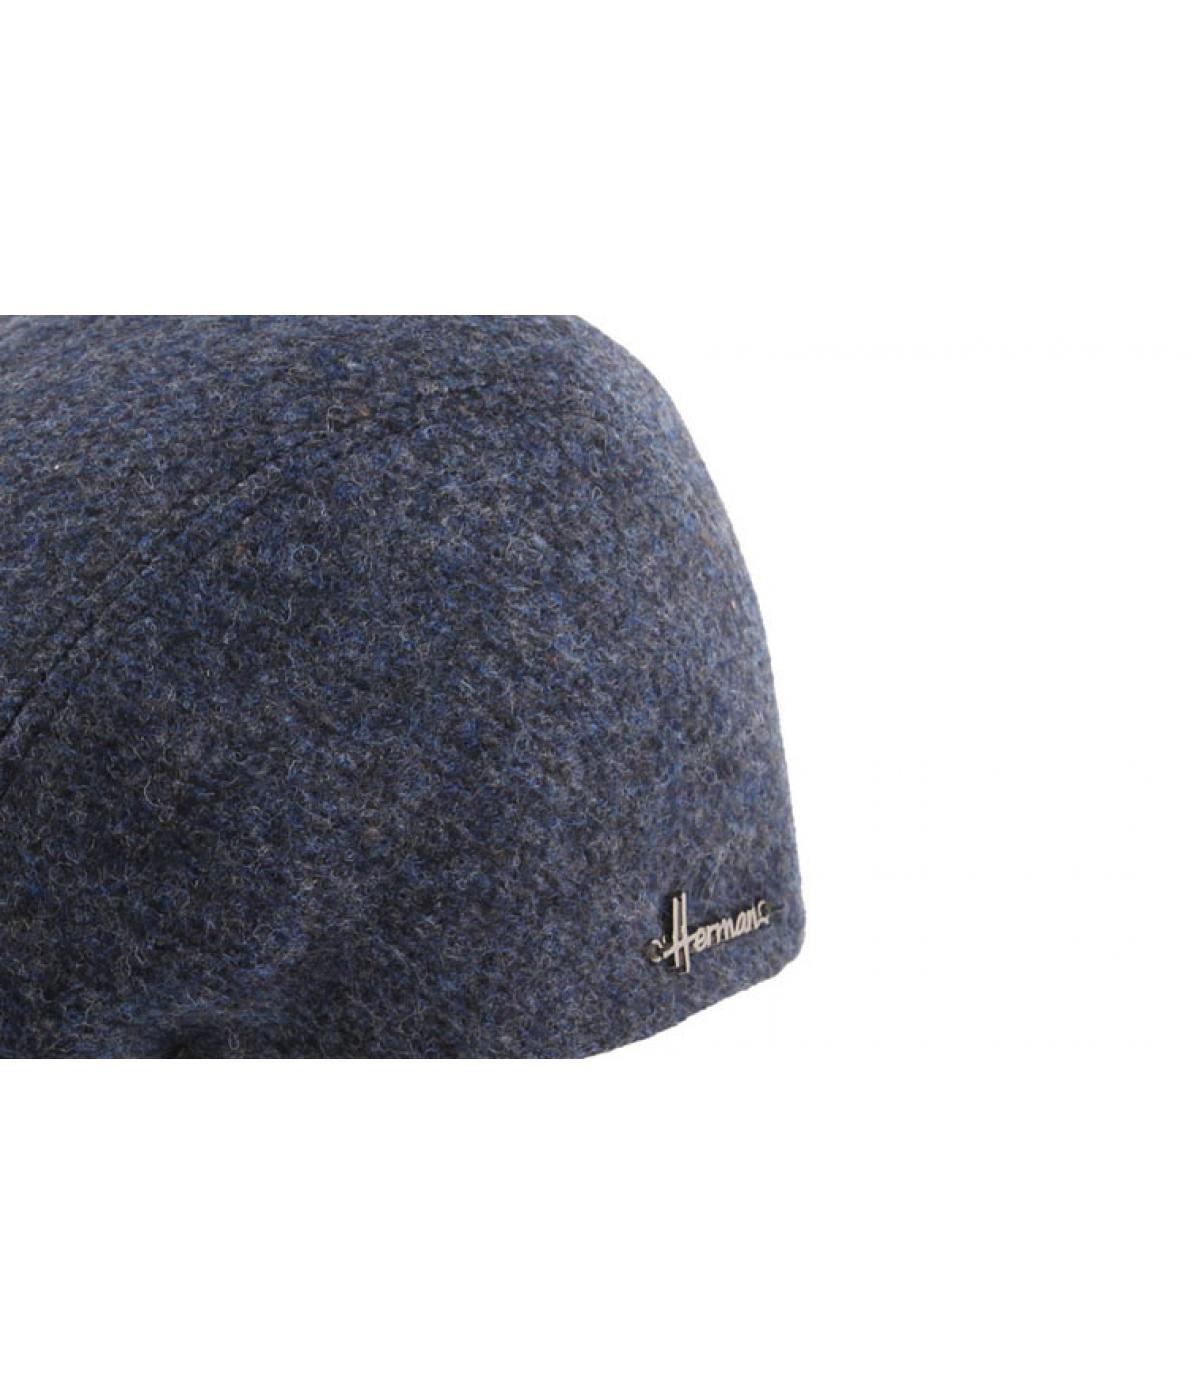 Détails Range wool EF blue - image 3